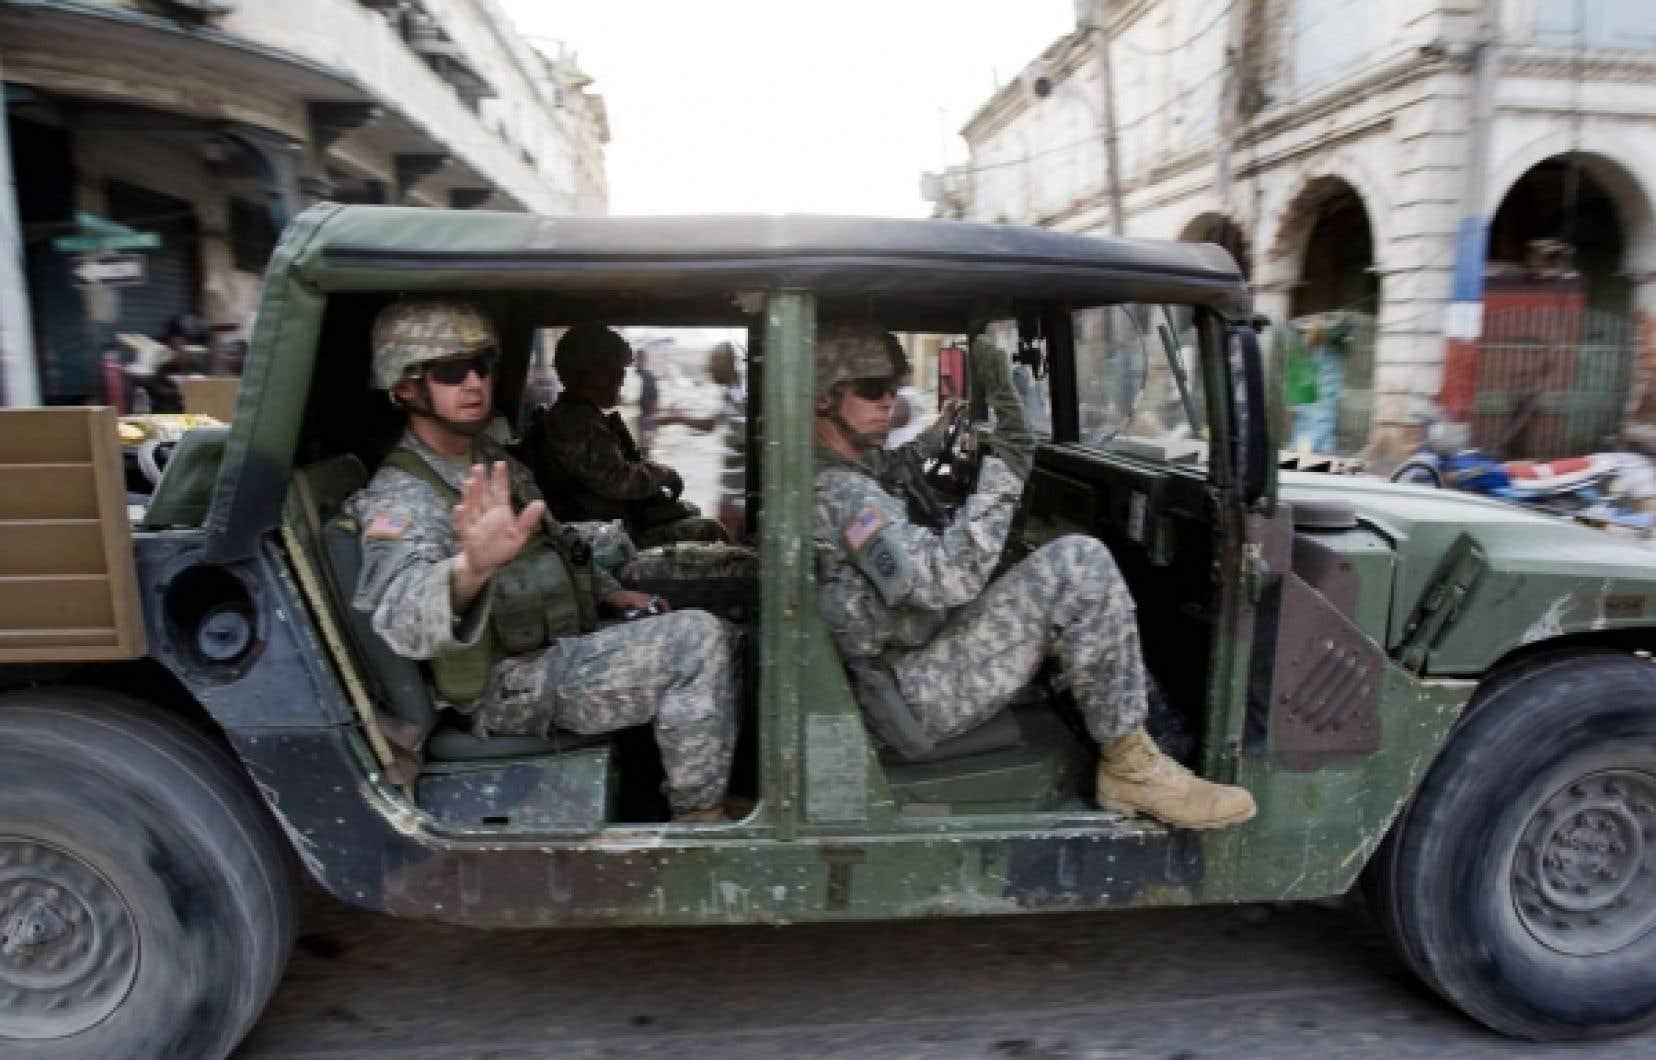 Des militaires américains saluaient les sinistrés du violent séisme du 12 janvier, hier, à Port-au-Prince. Le Pentagone a annoncé le déploiement de 4000 soldats supplémentaires en Haïti, alors que plusieurs voix s'élèvent pour désapprouver sa mainmise sur les opérations de secours.